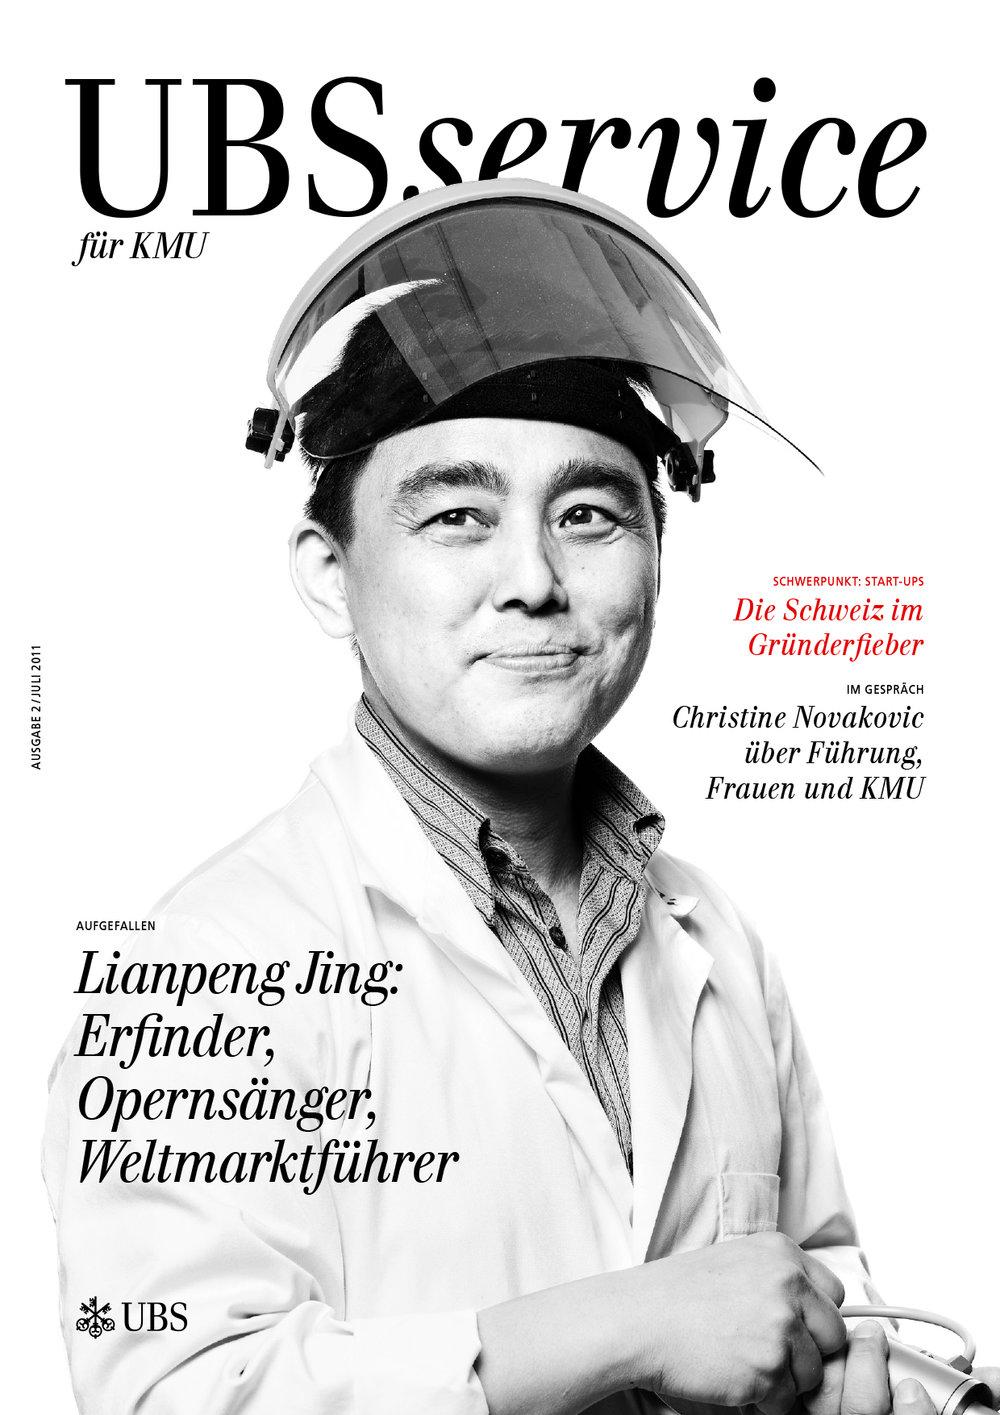 service_2011-02_de_print-1.jpg